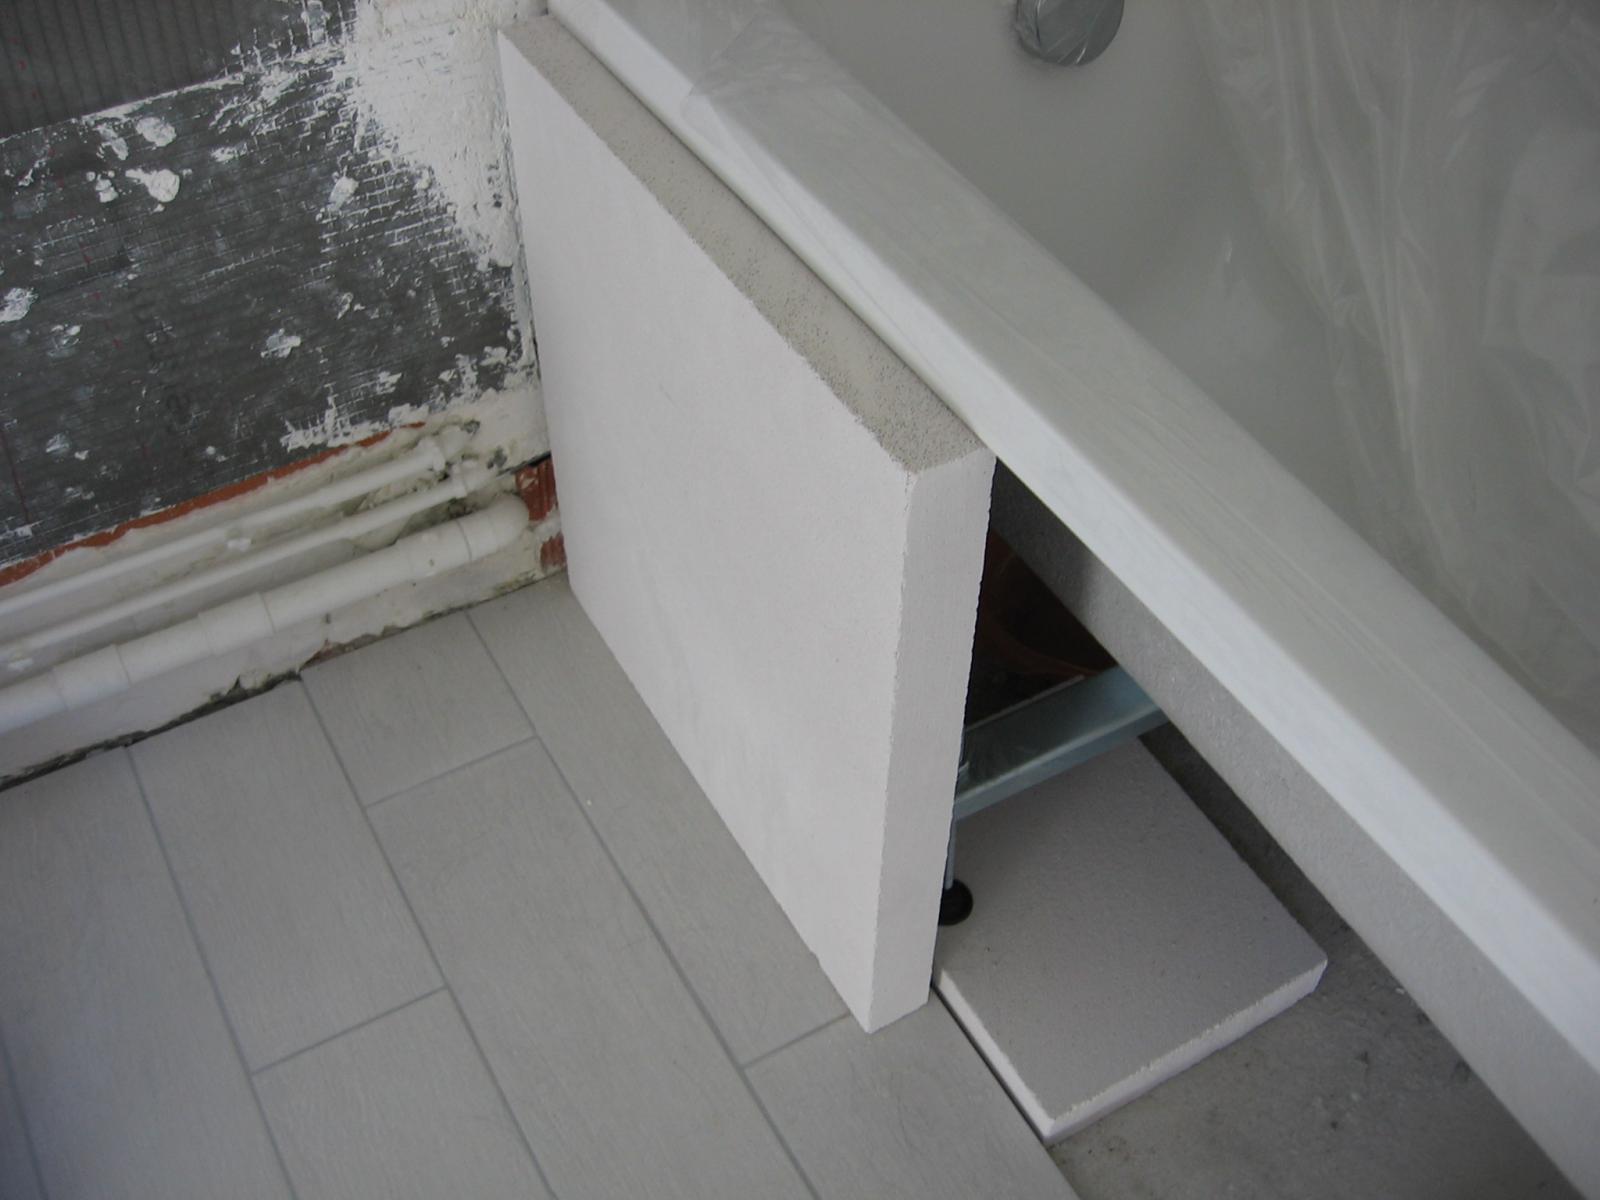 Salle de bains installation d 39 une baignoire - Siporex salle de bain ...